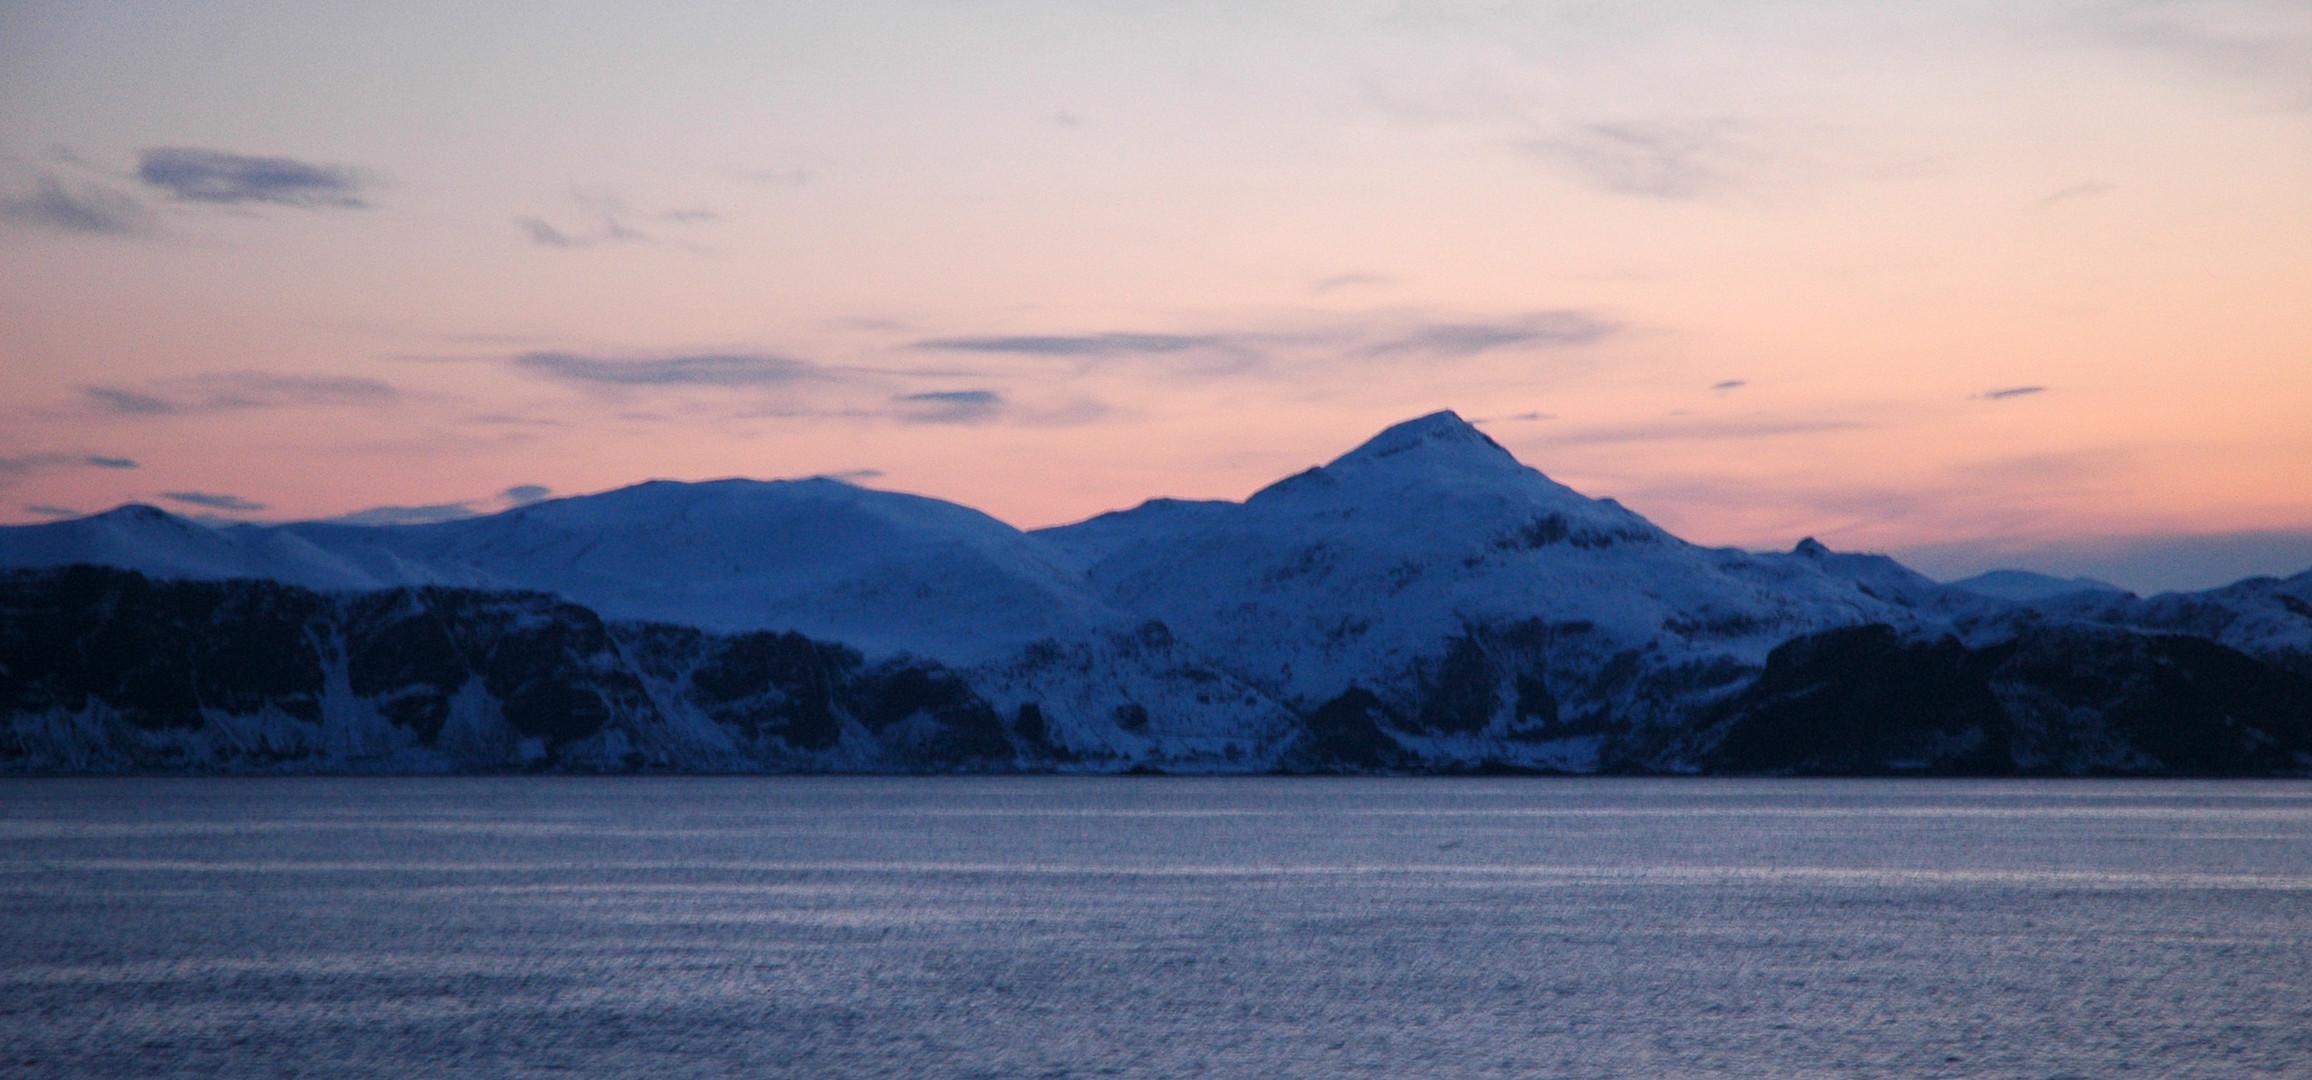 Morgenstimmung am Polarkreis, Norwegen